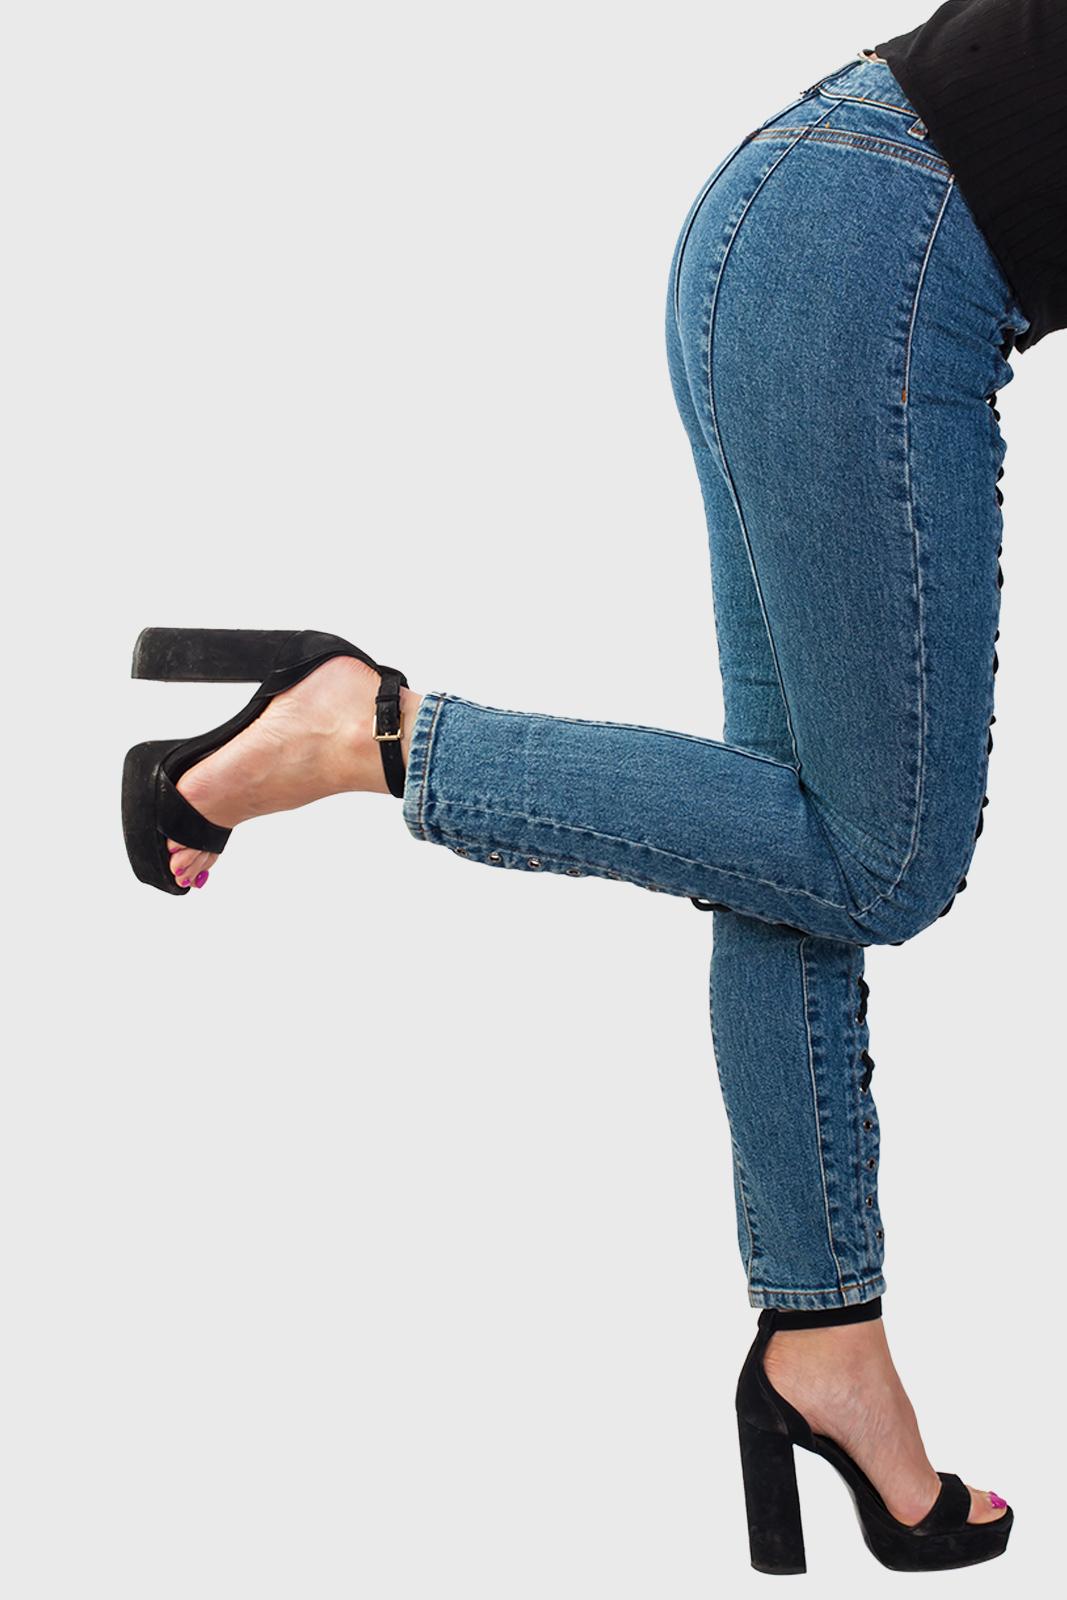 Женские джинсы со шнуровкой от Los Angeles Atelier оптом